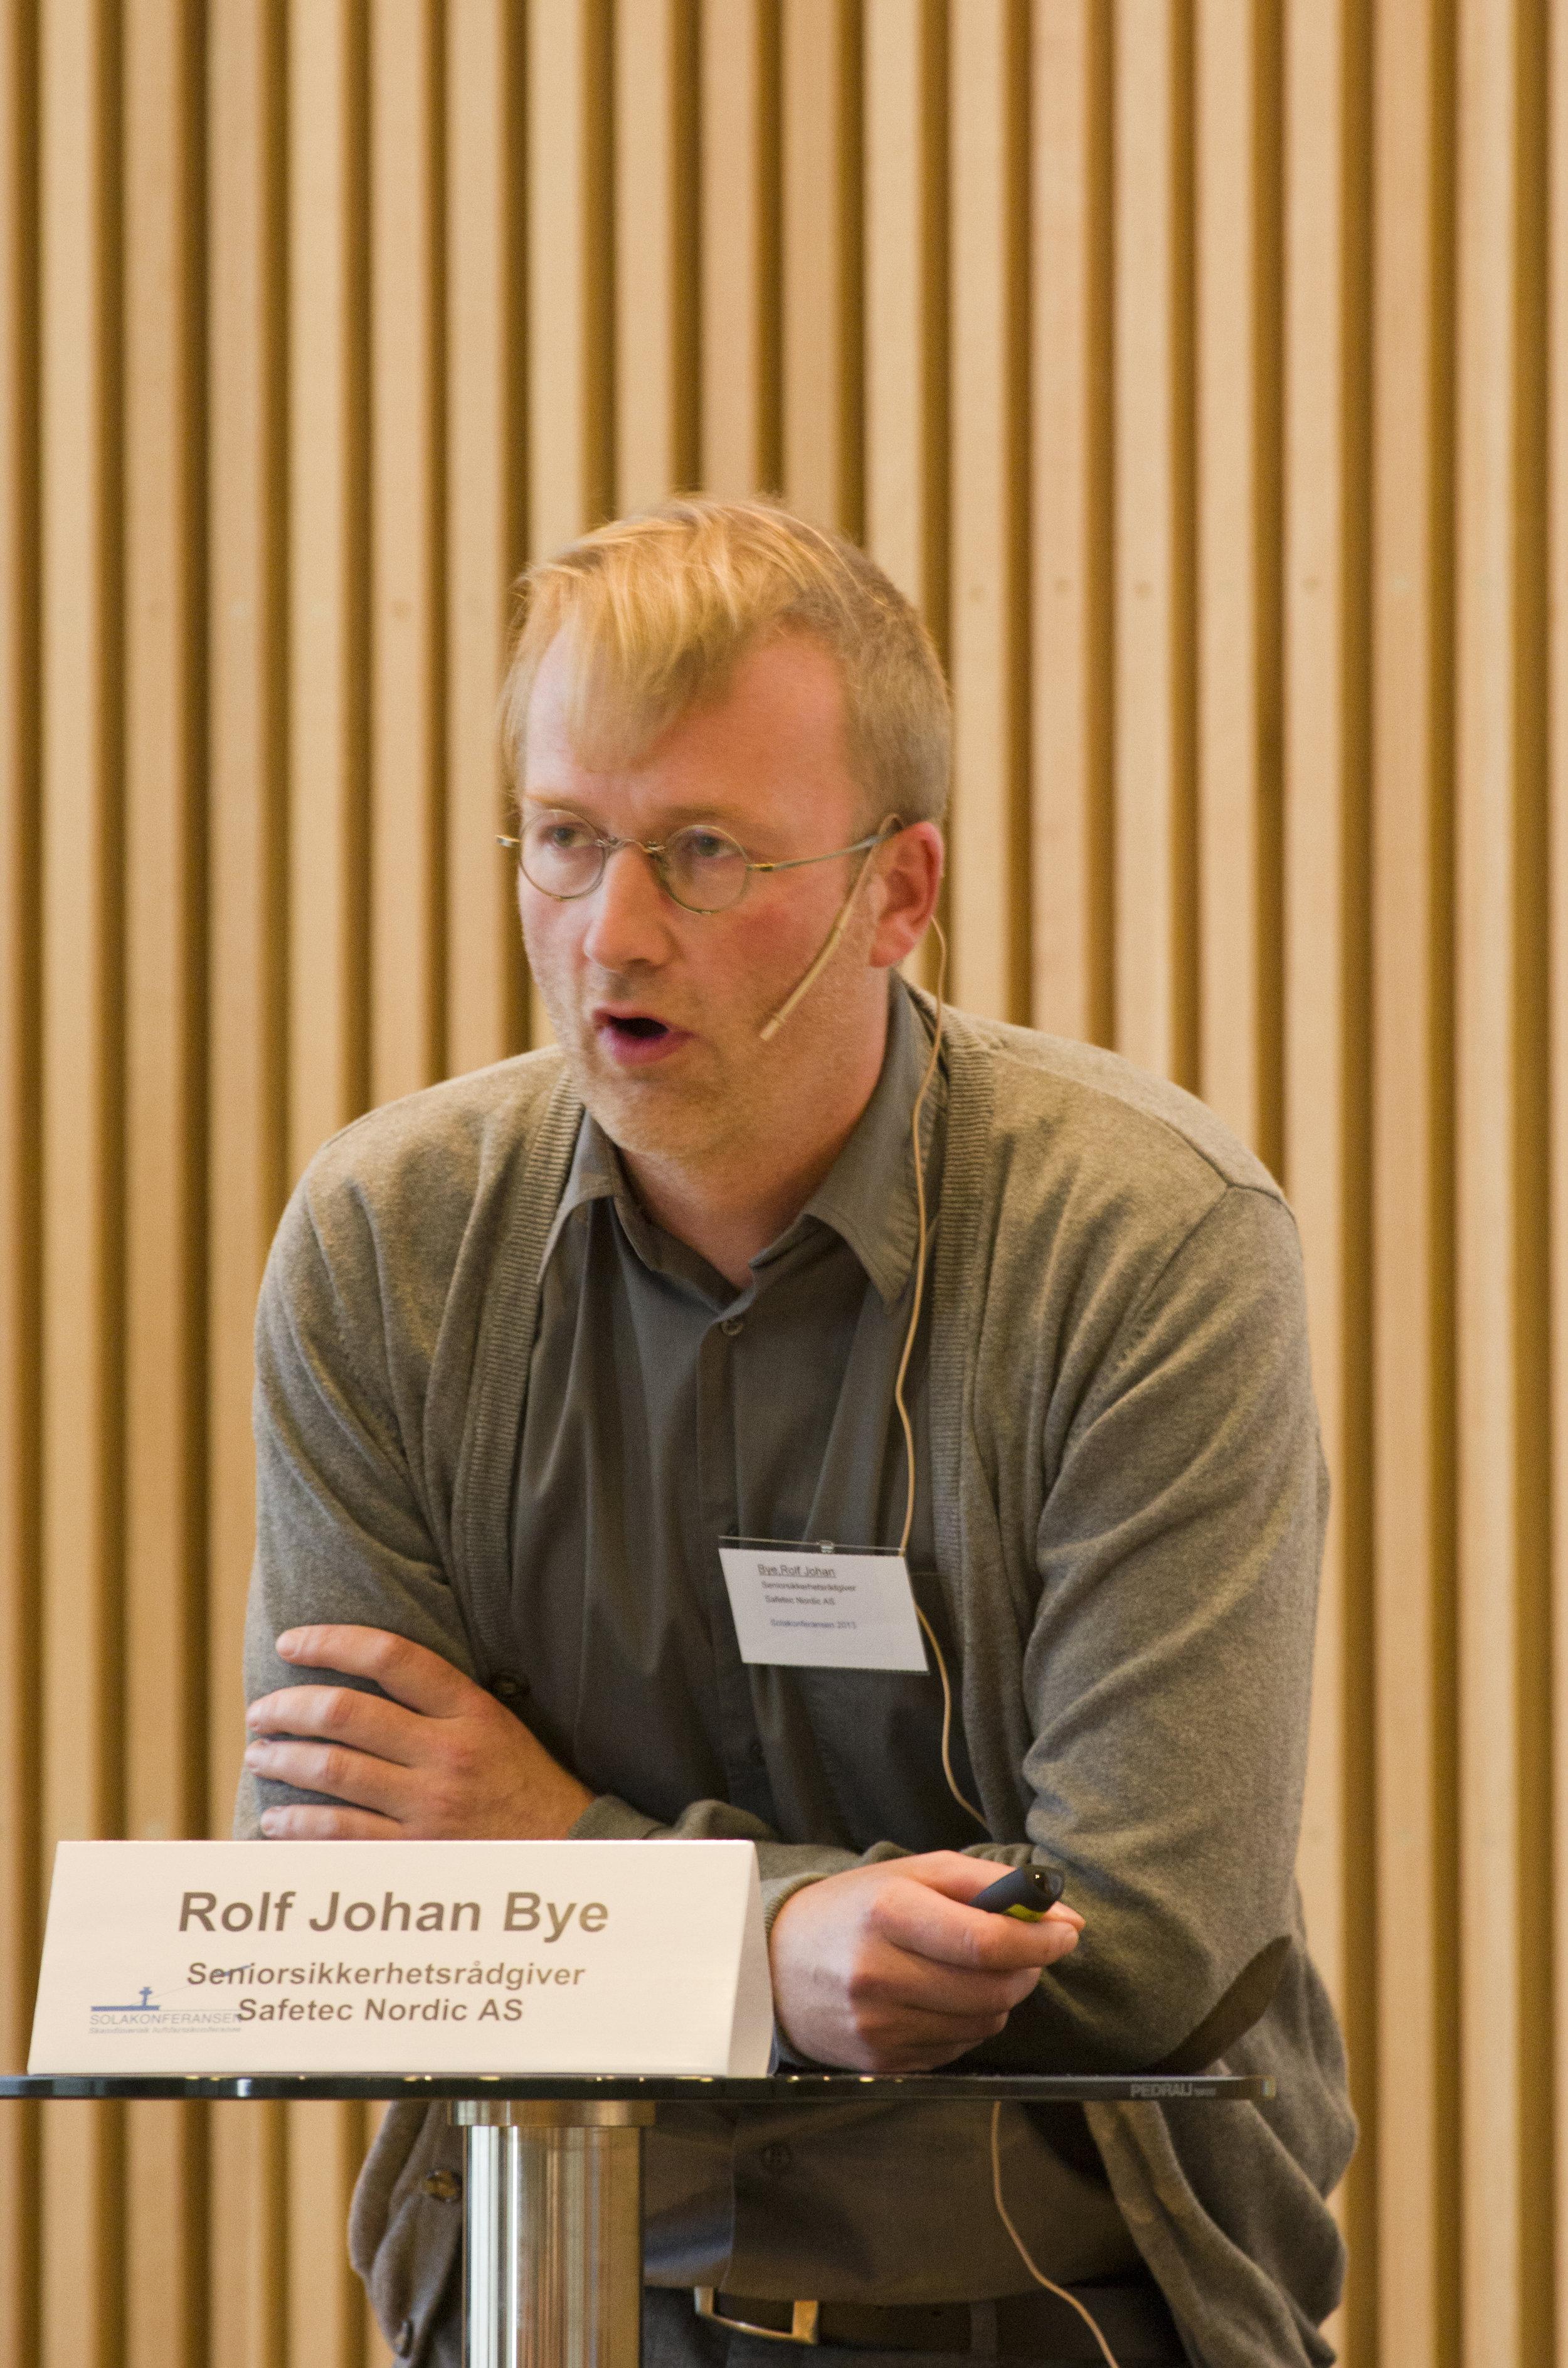 Rolf Johan Bye (1).JPG